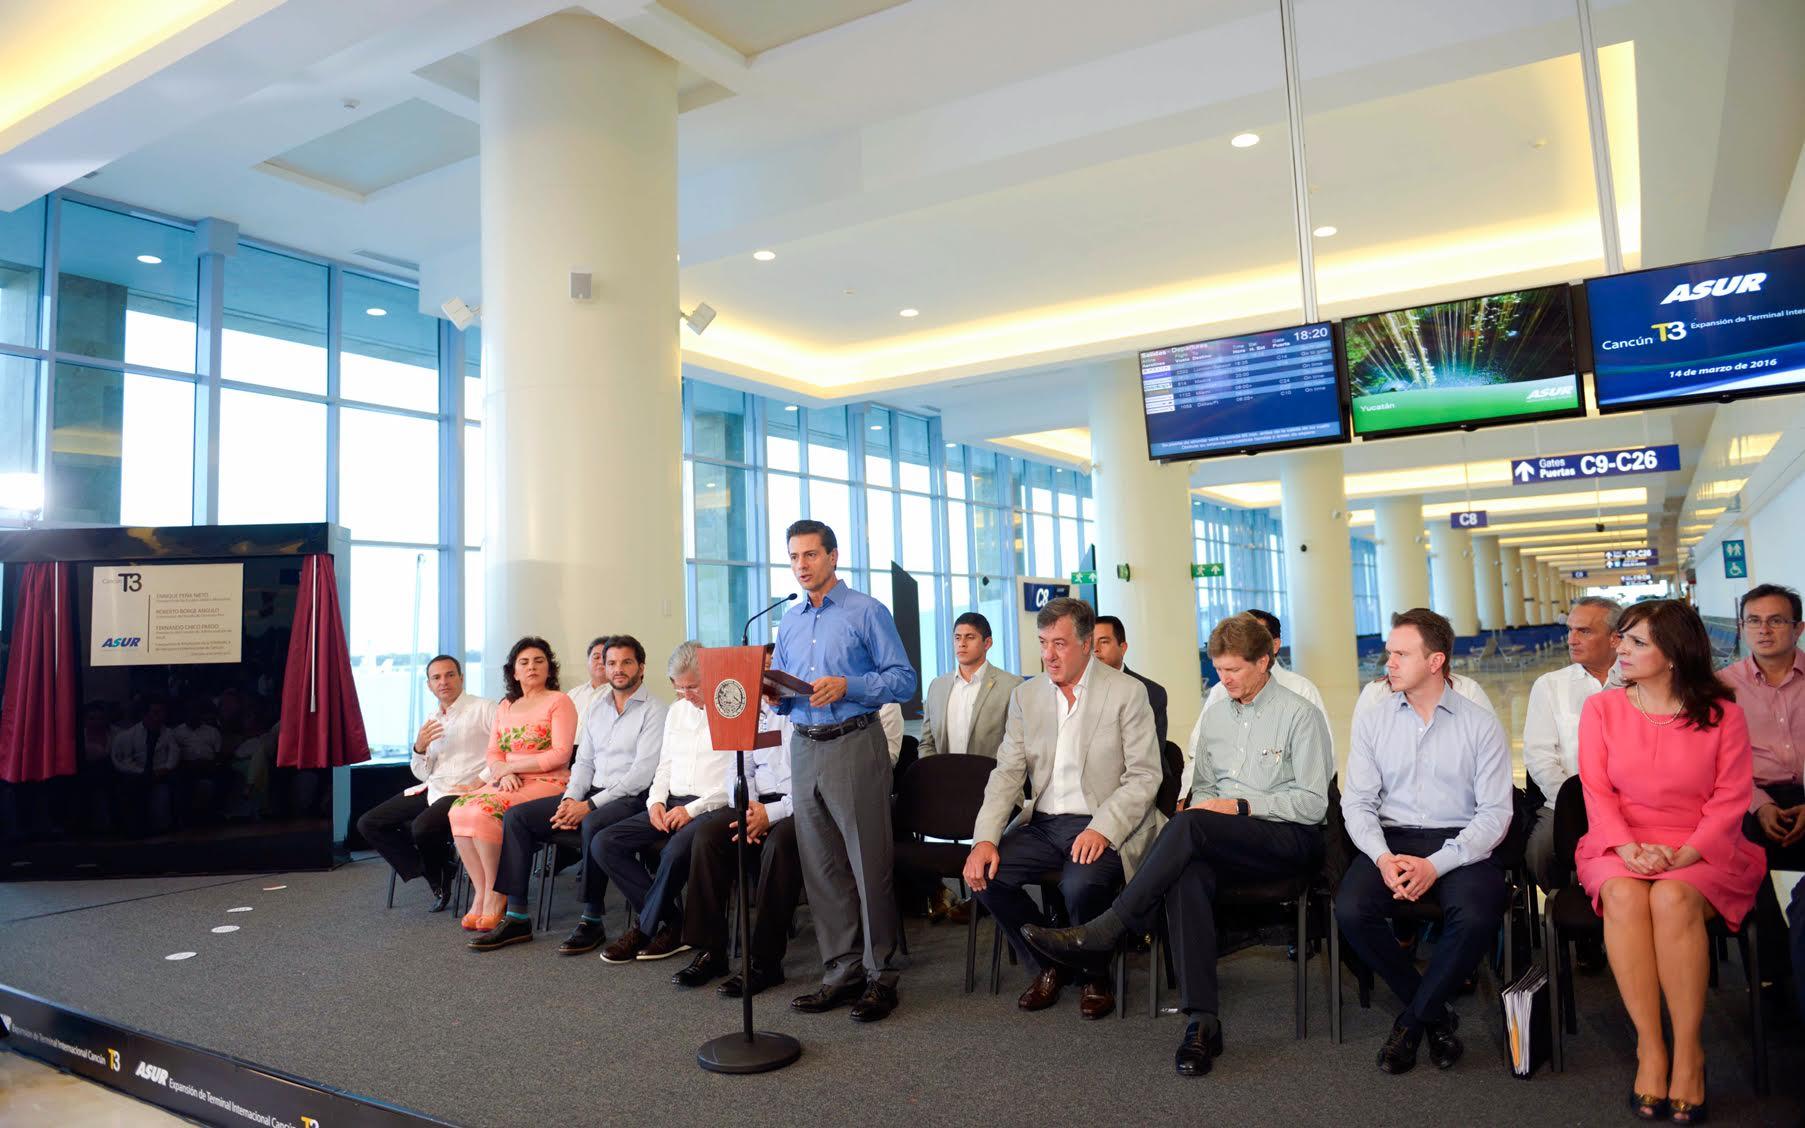 El Primer Mandatario subrayó que esta nueva Terminal forma parte del proceso transformador que el Gobierno de la República viene impulsando.